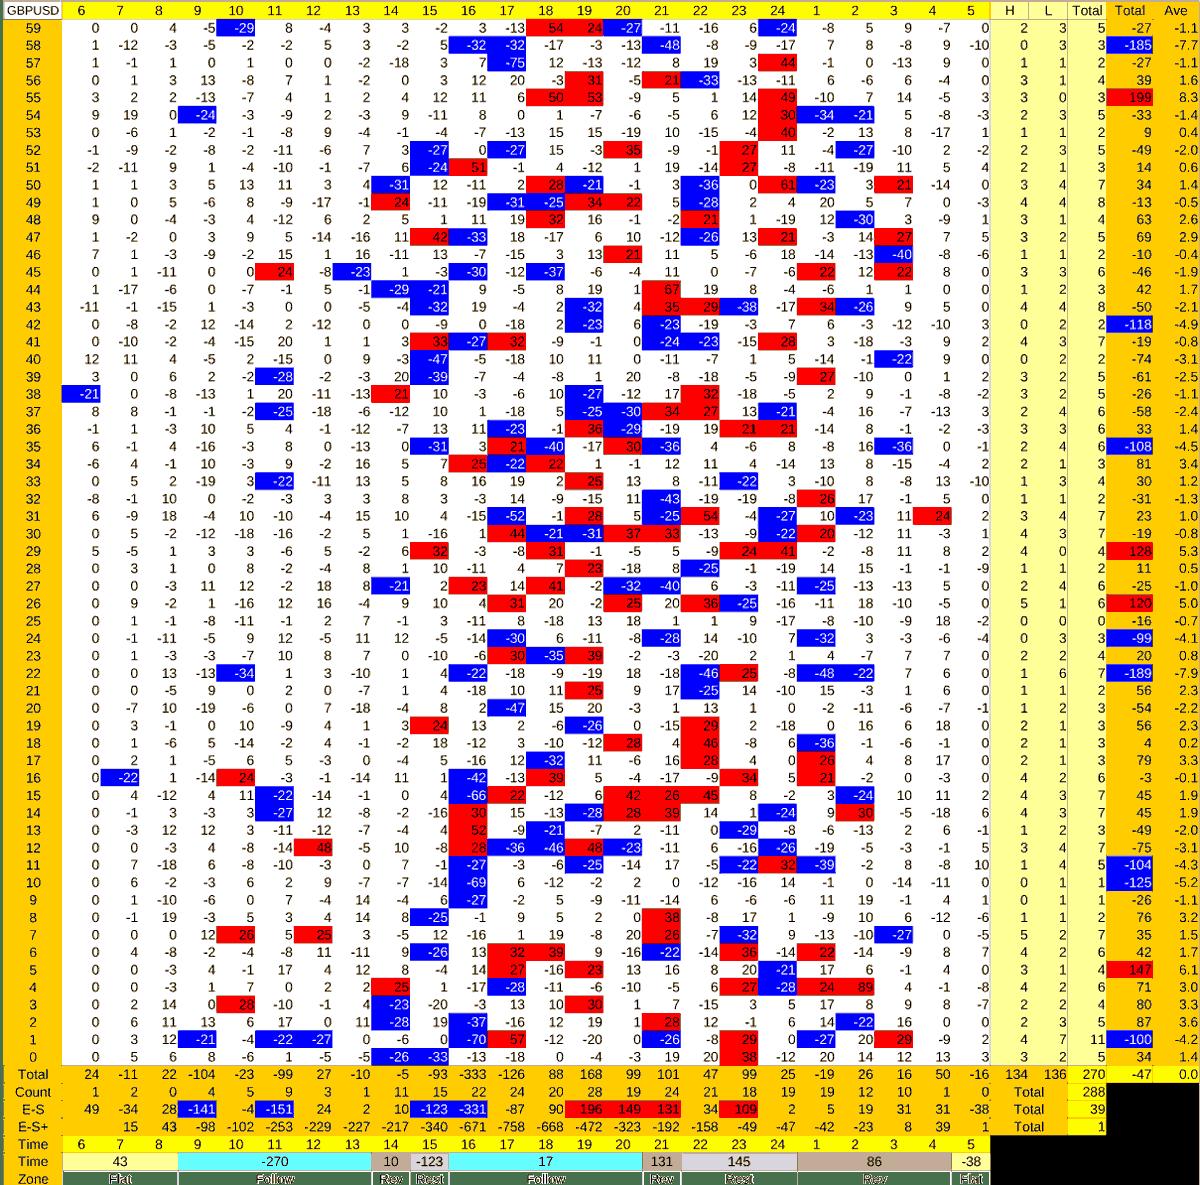 20210316_HS(2)GBPUSD